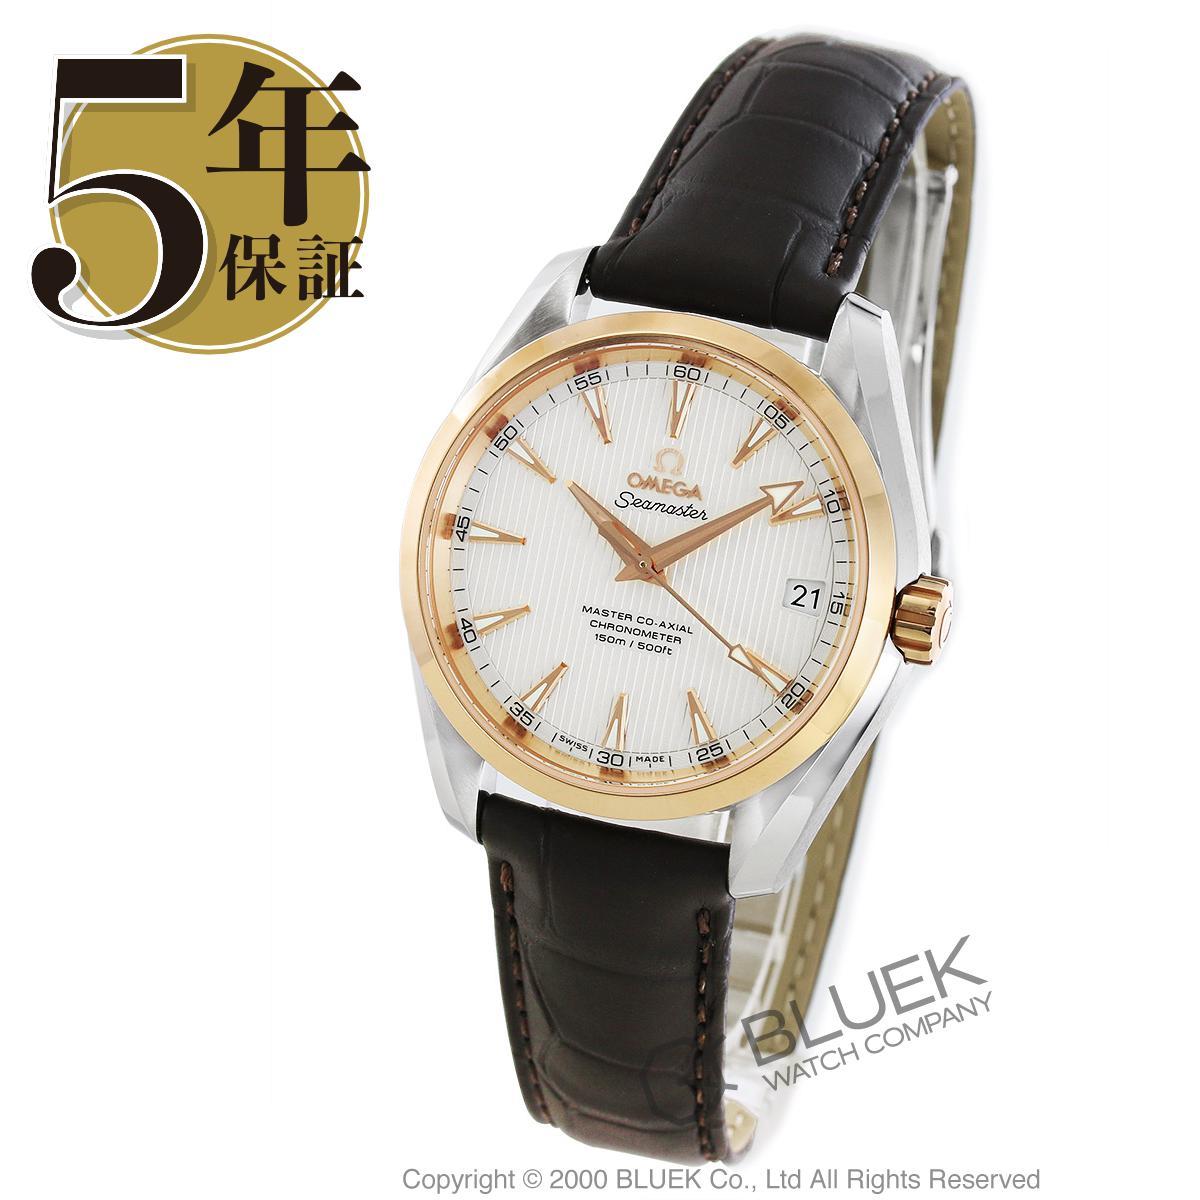 オメガ シーマスター アクアテラ アリゲーターレザー 腕時計 メンズ OMEGA 231.23.39.21.02.001_5